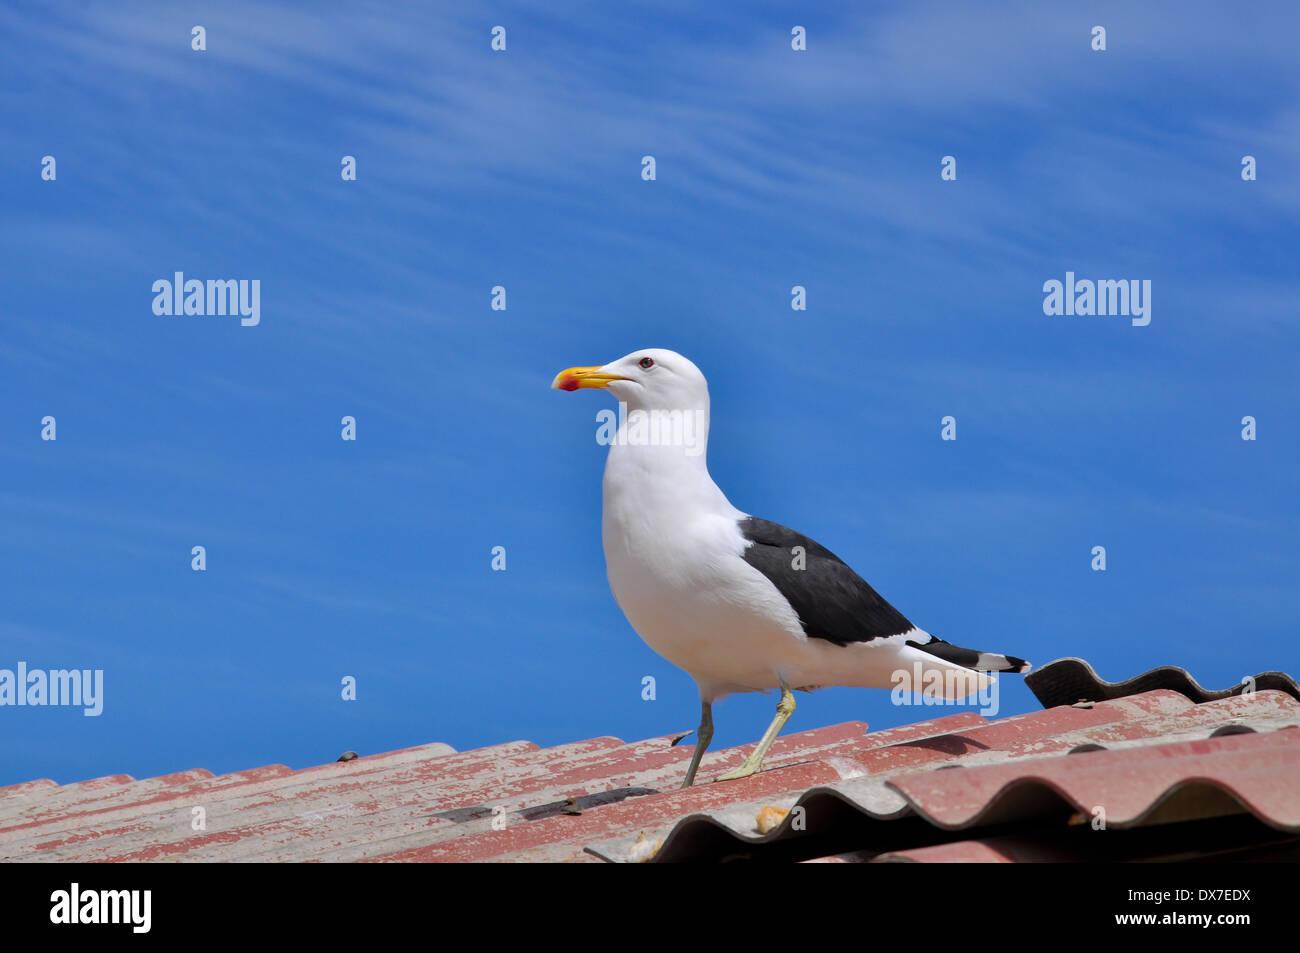 Seagull, Vina del Mar, Chile - Stock Image